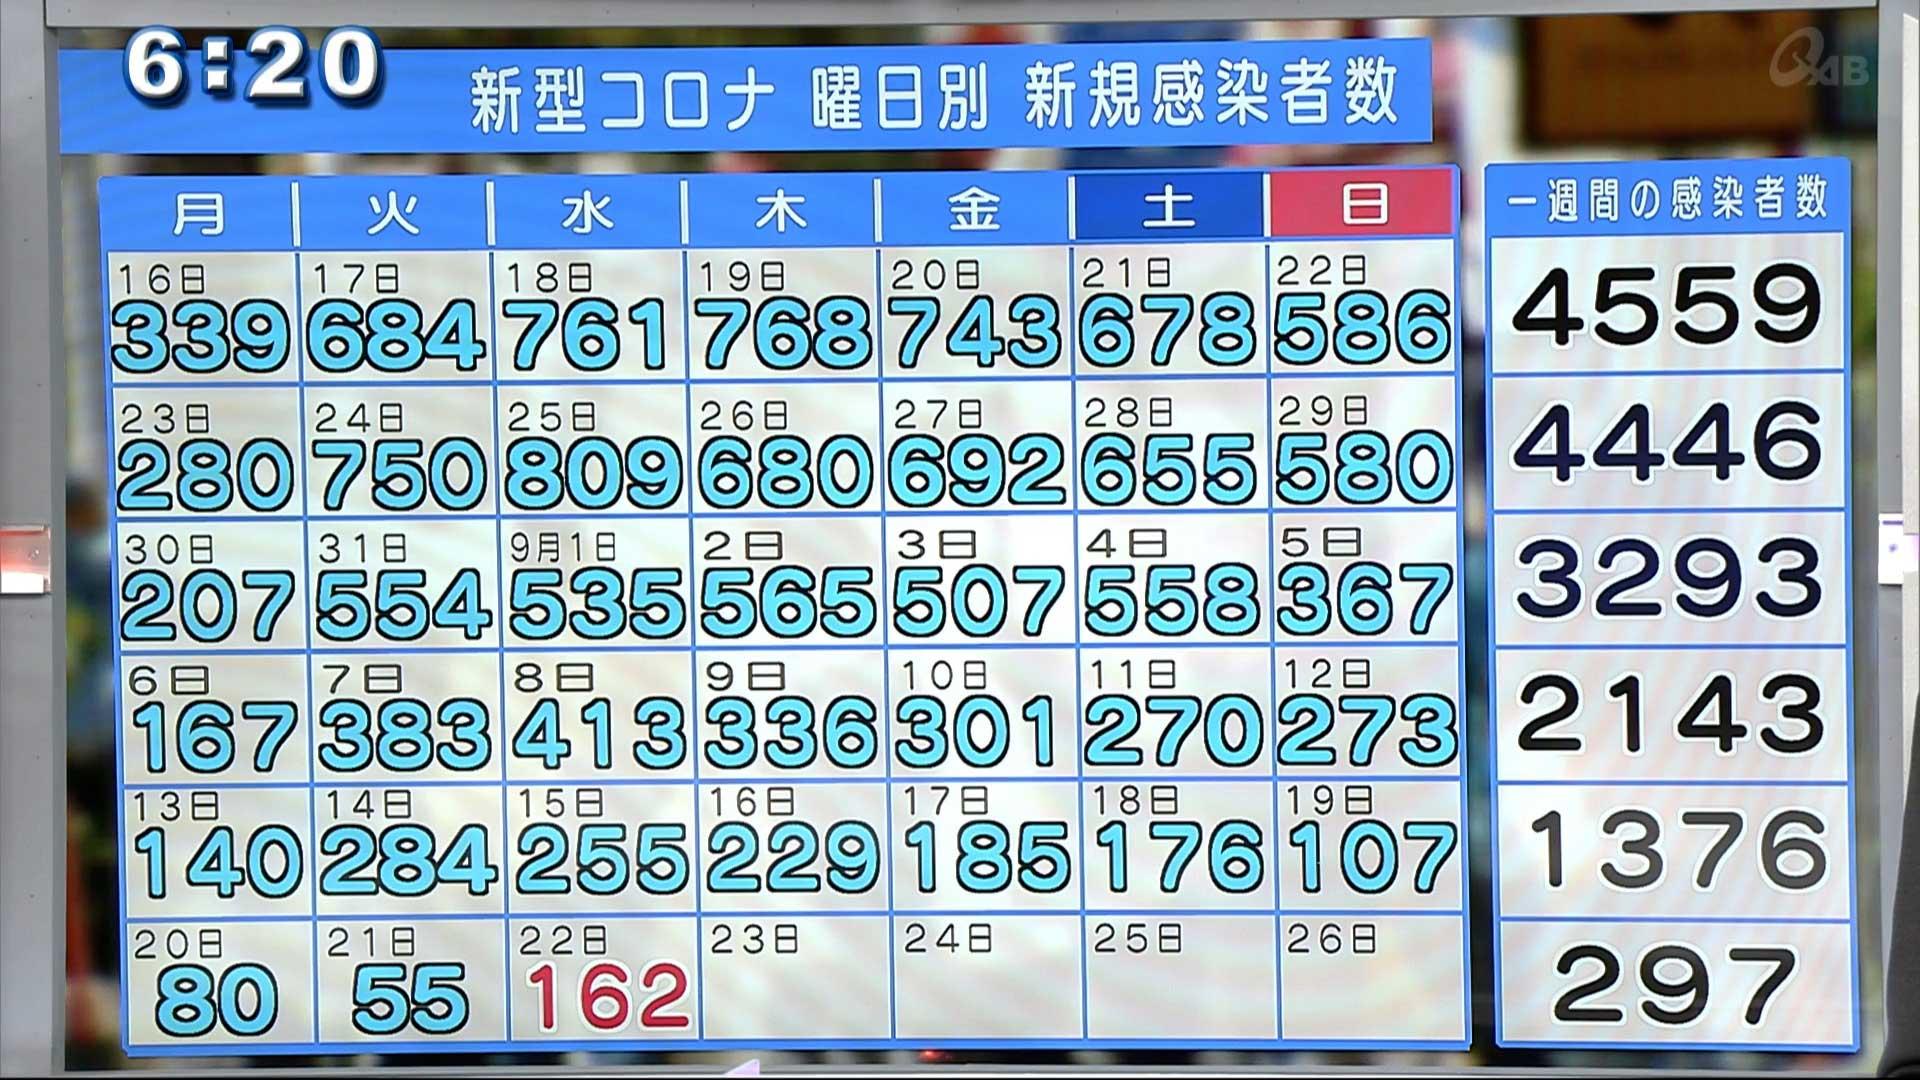 沖縄 新型コロナ新たに162人感染 一時待機所でカクテル療法